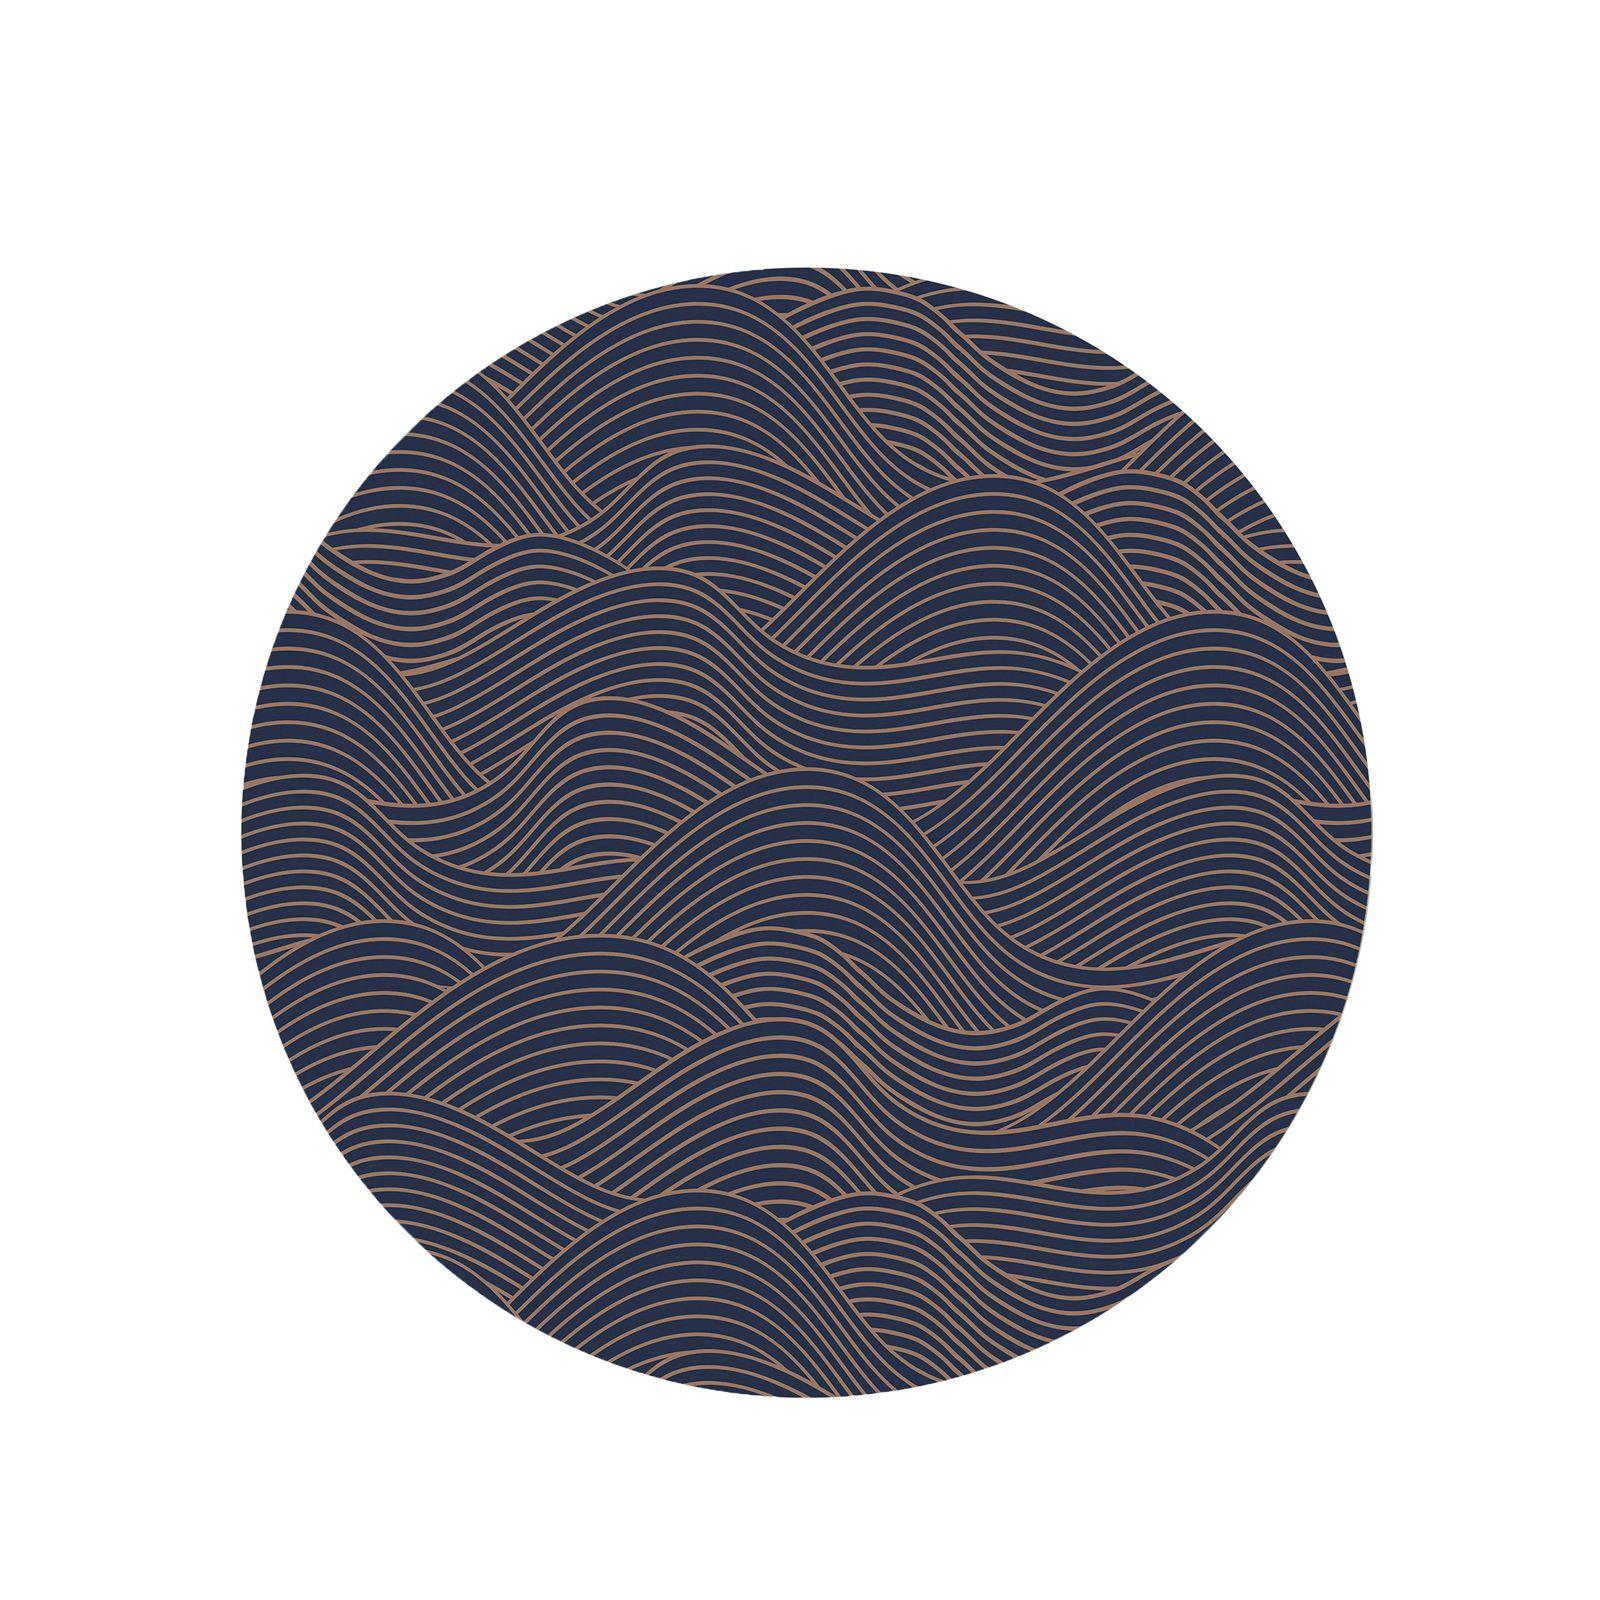 Everleigh & Me - Splat Mat, Waves (38WAVES)